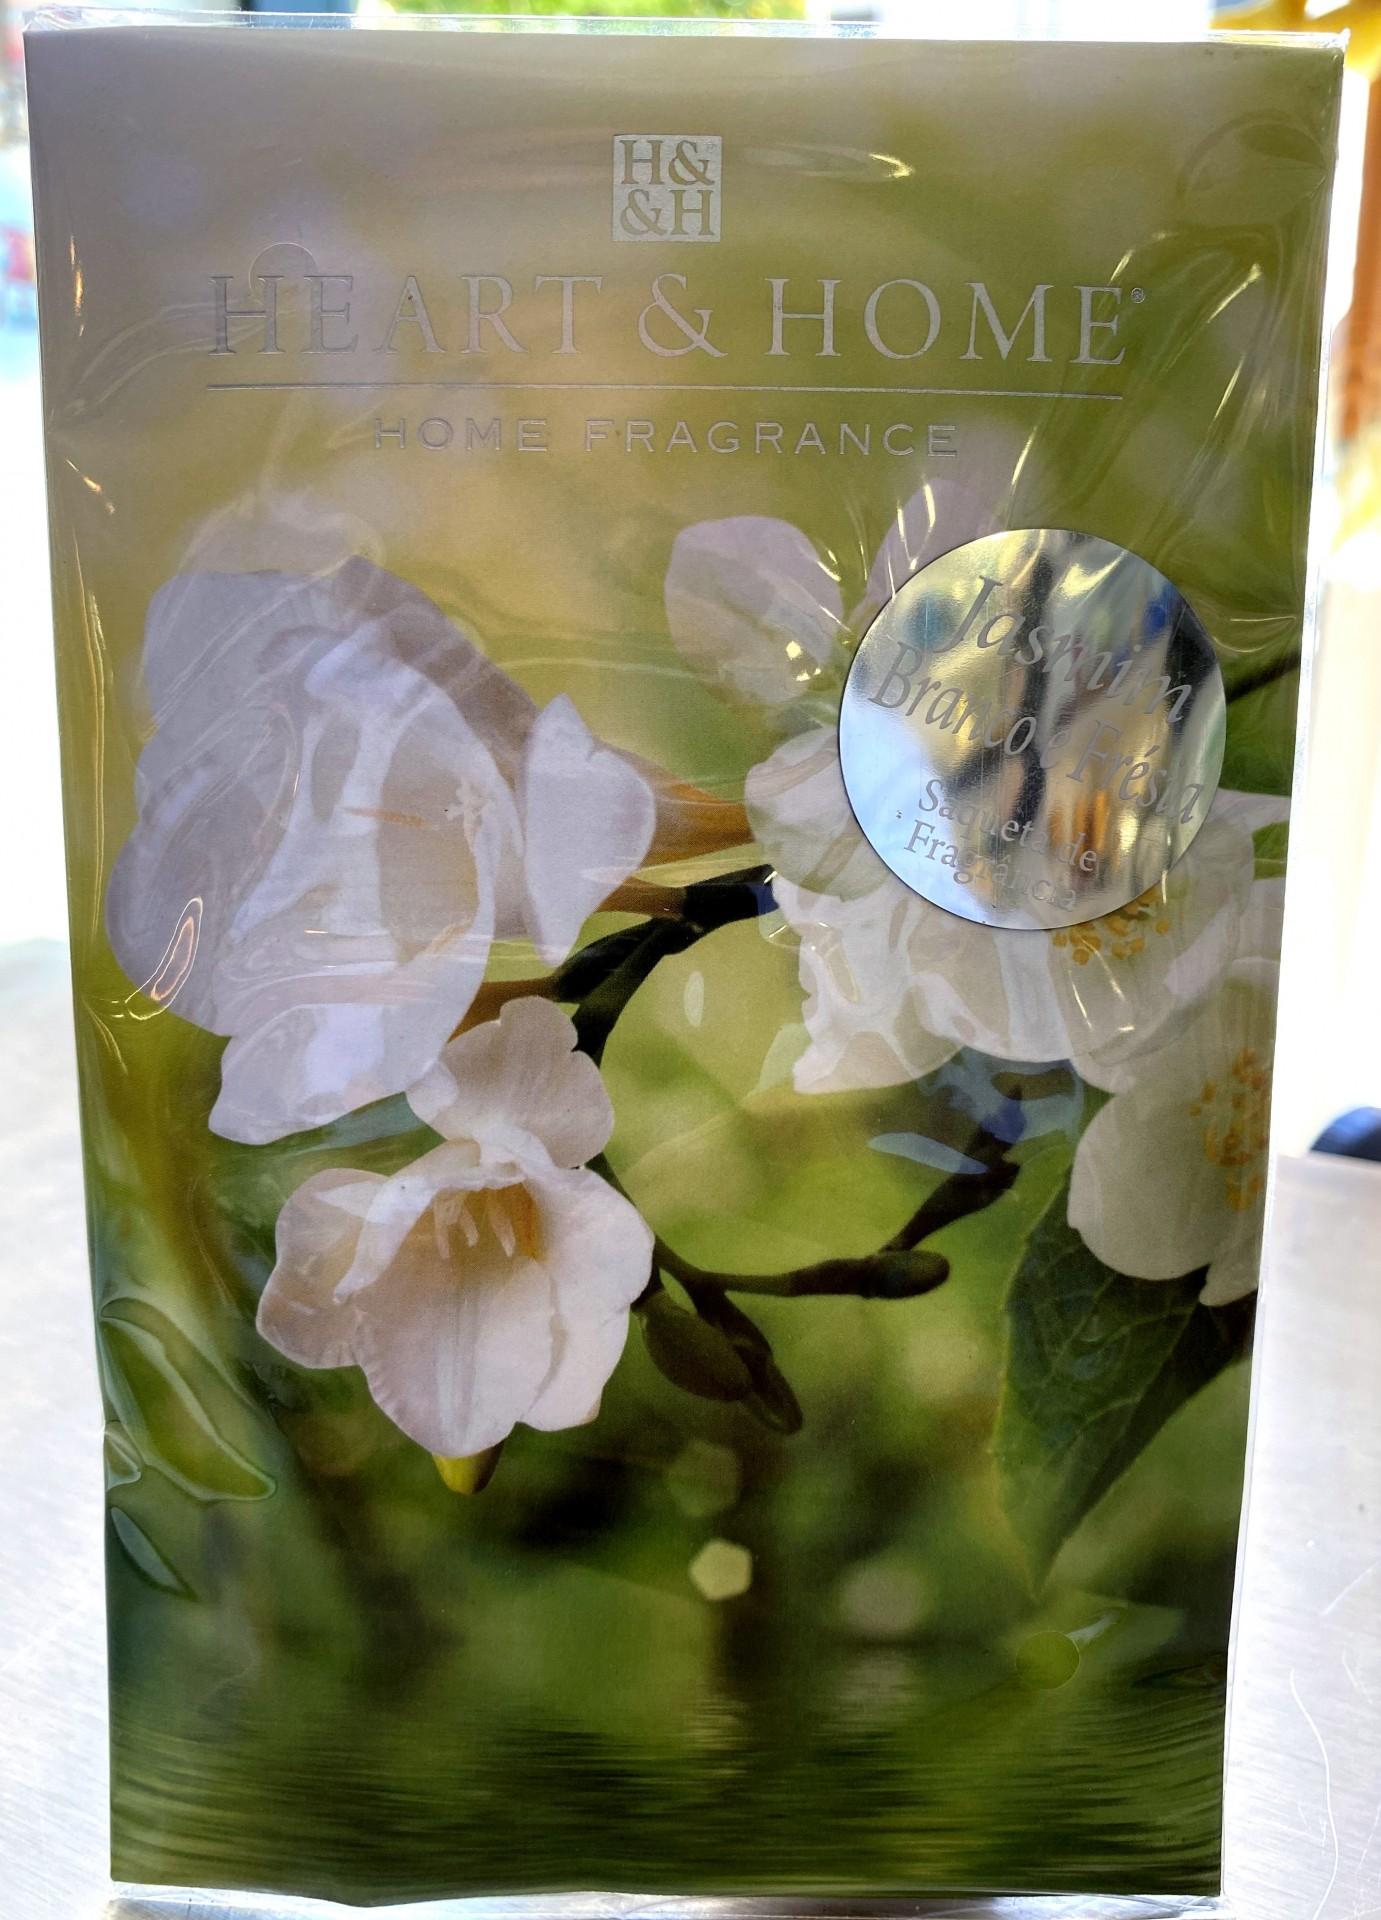 Sachet perfumado Jasmim Branco e Frésia  Heart & Home